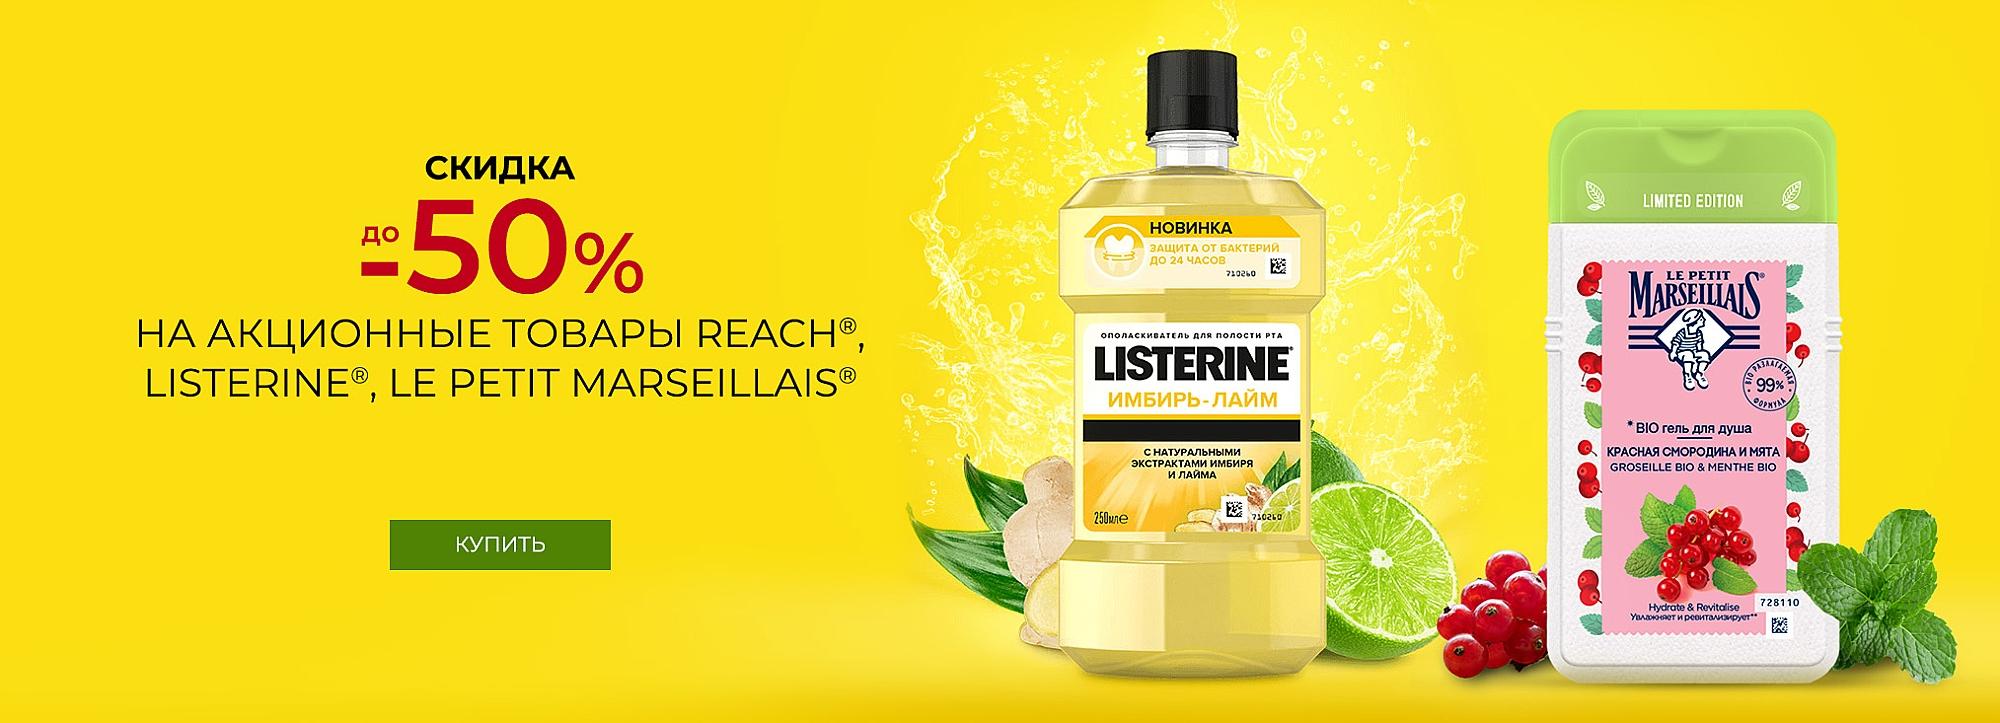 Listerine321073